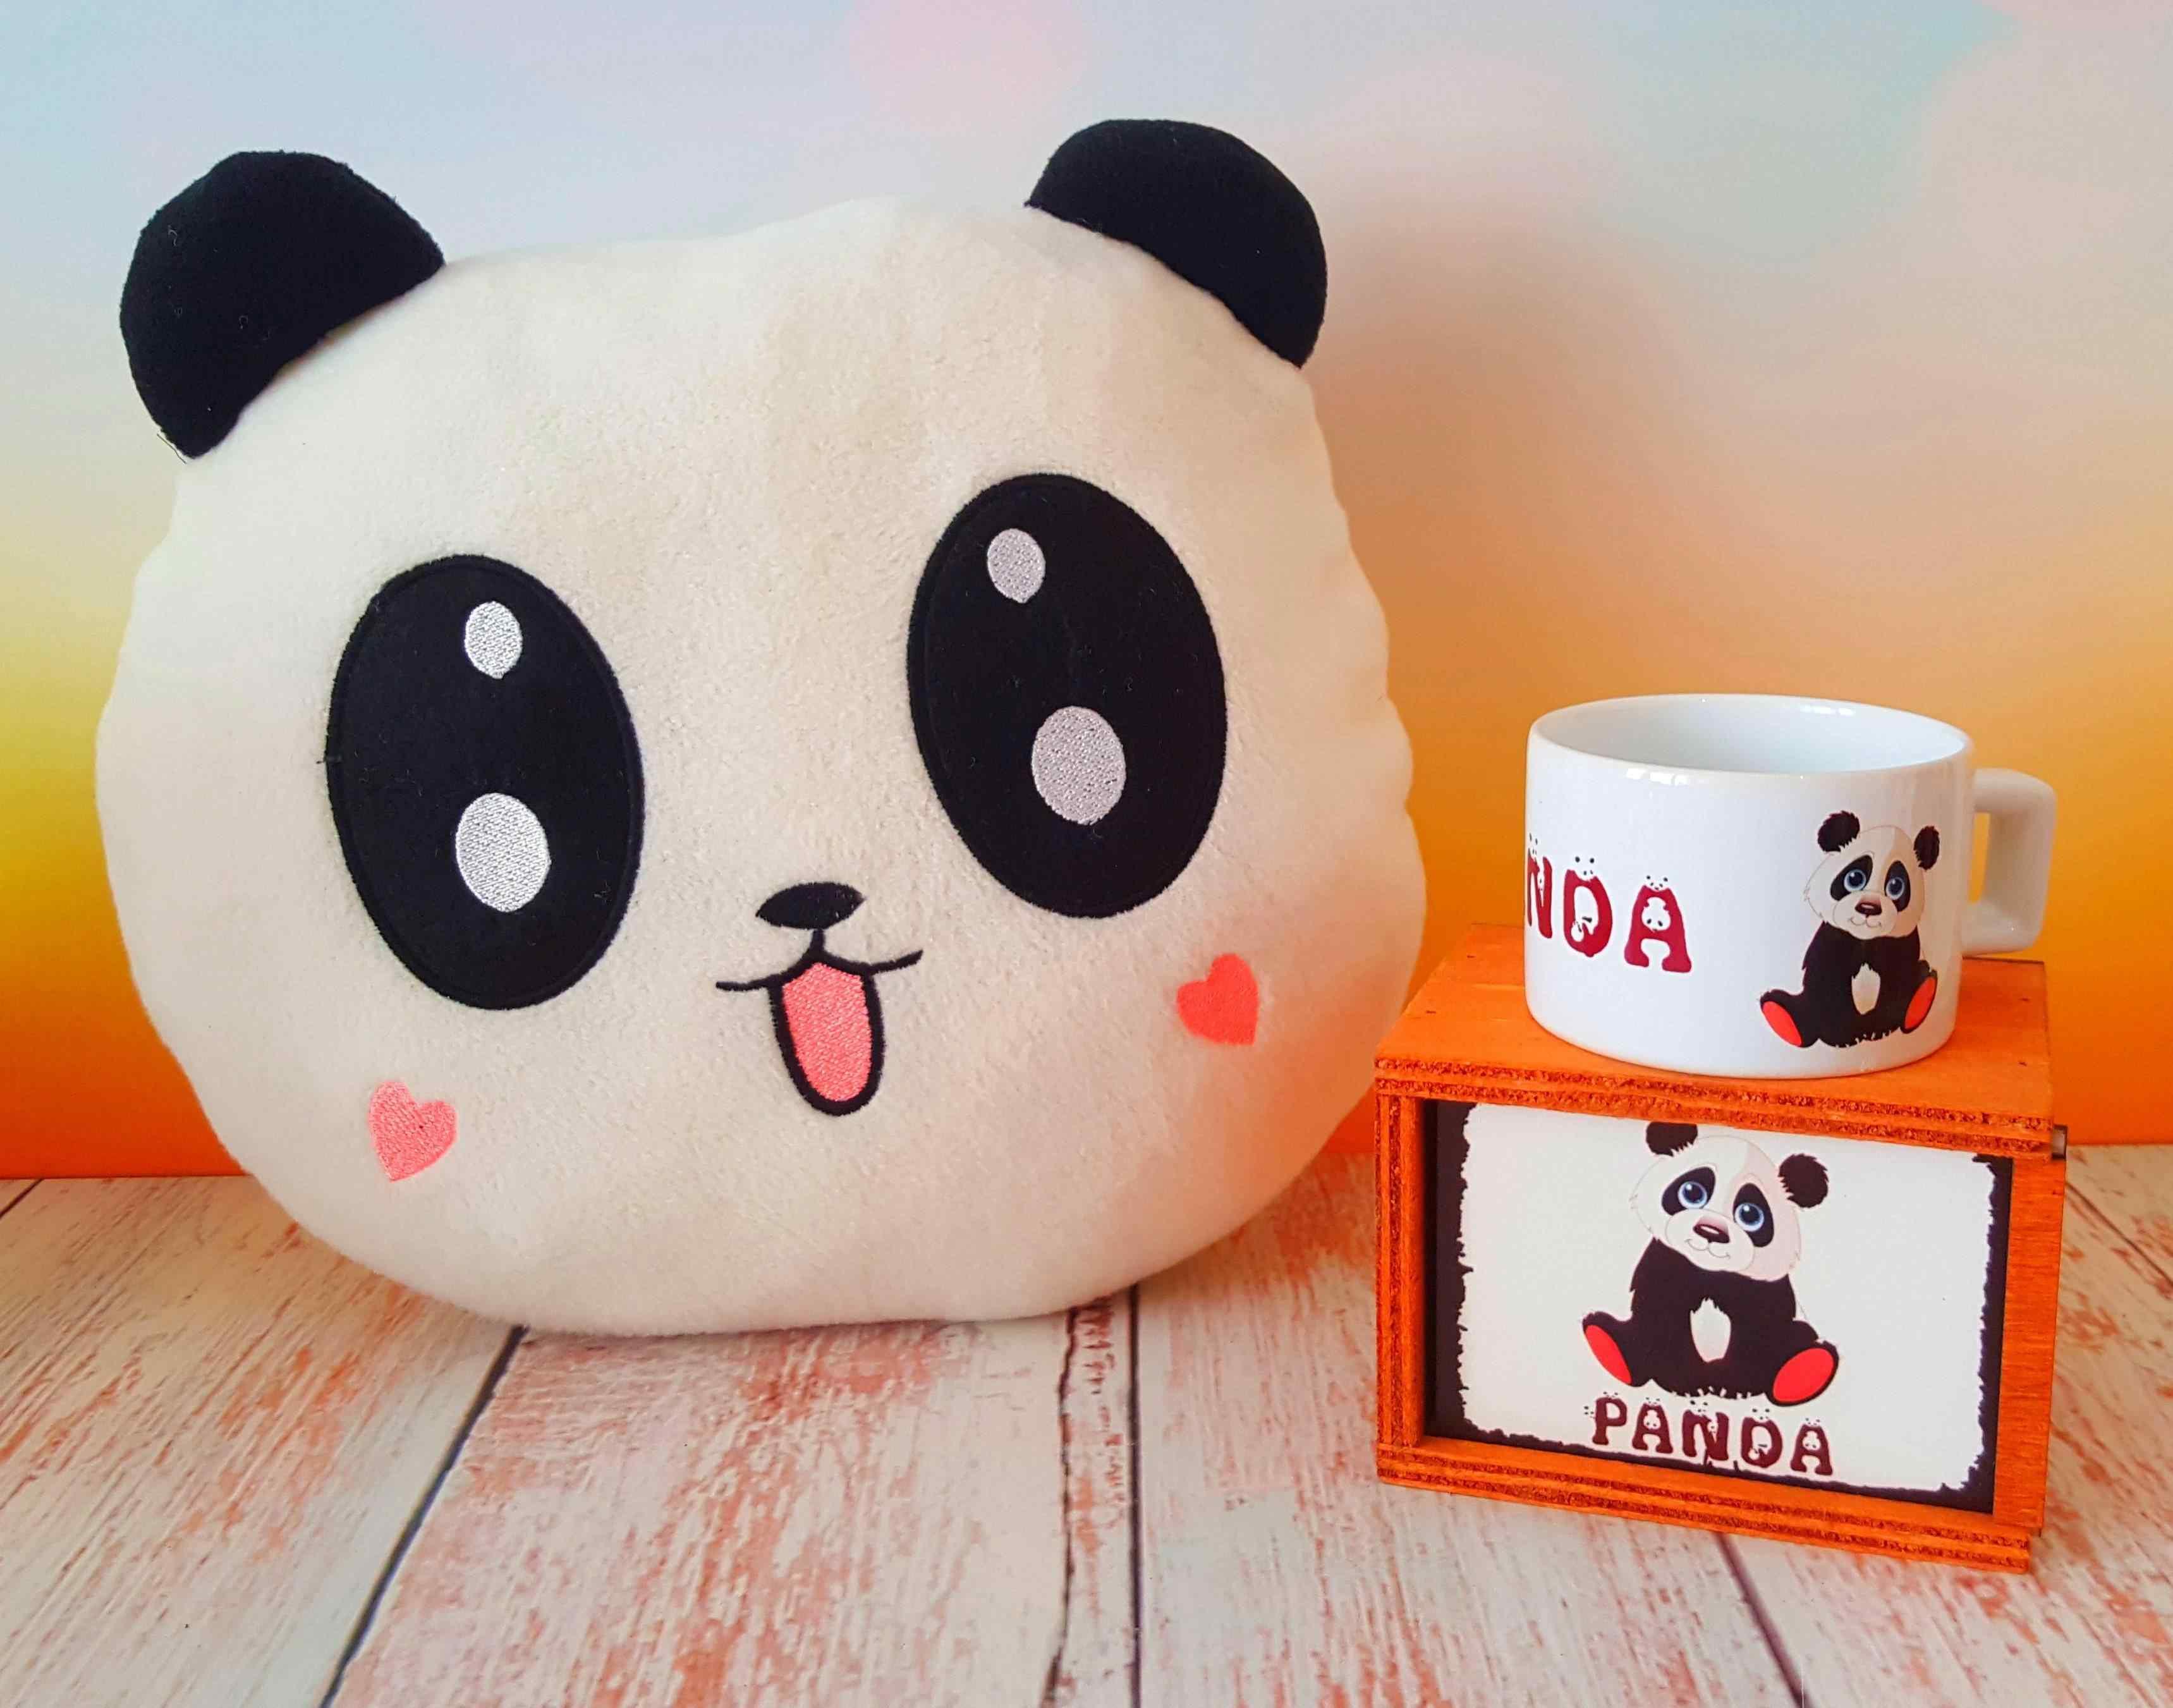 Sevimli Panda Yastık Ve Kutulu Kupa Özel Hediye Seti